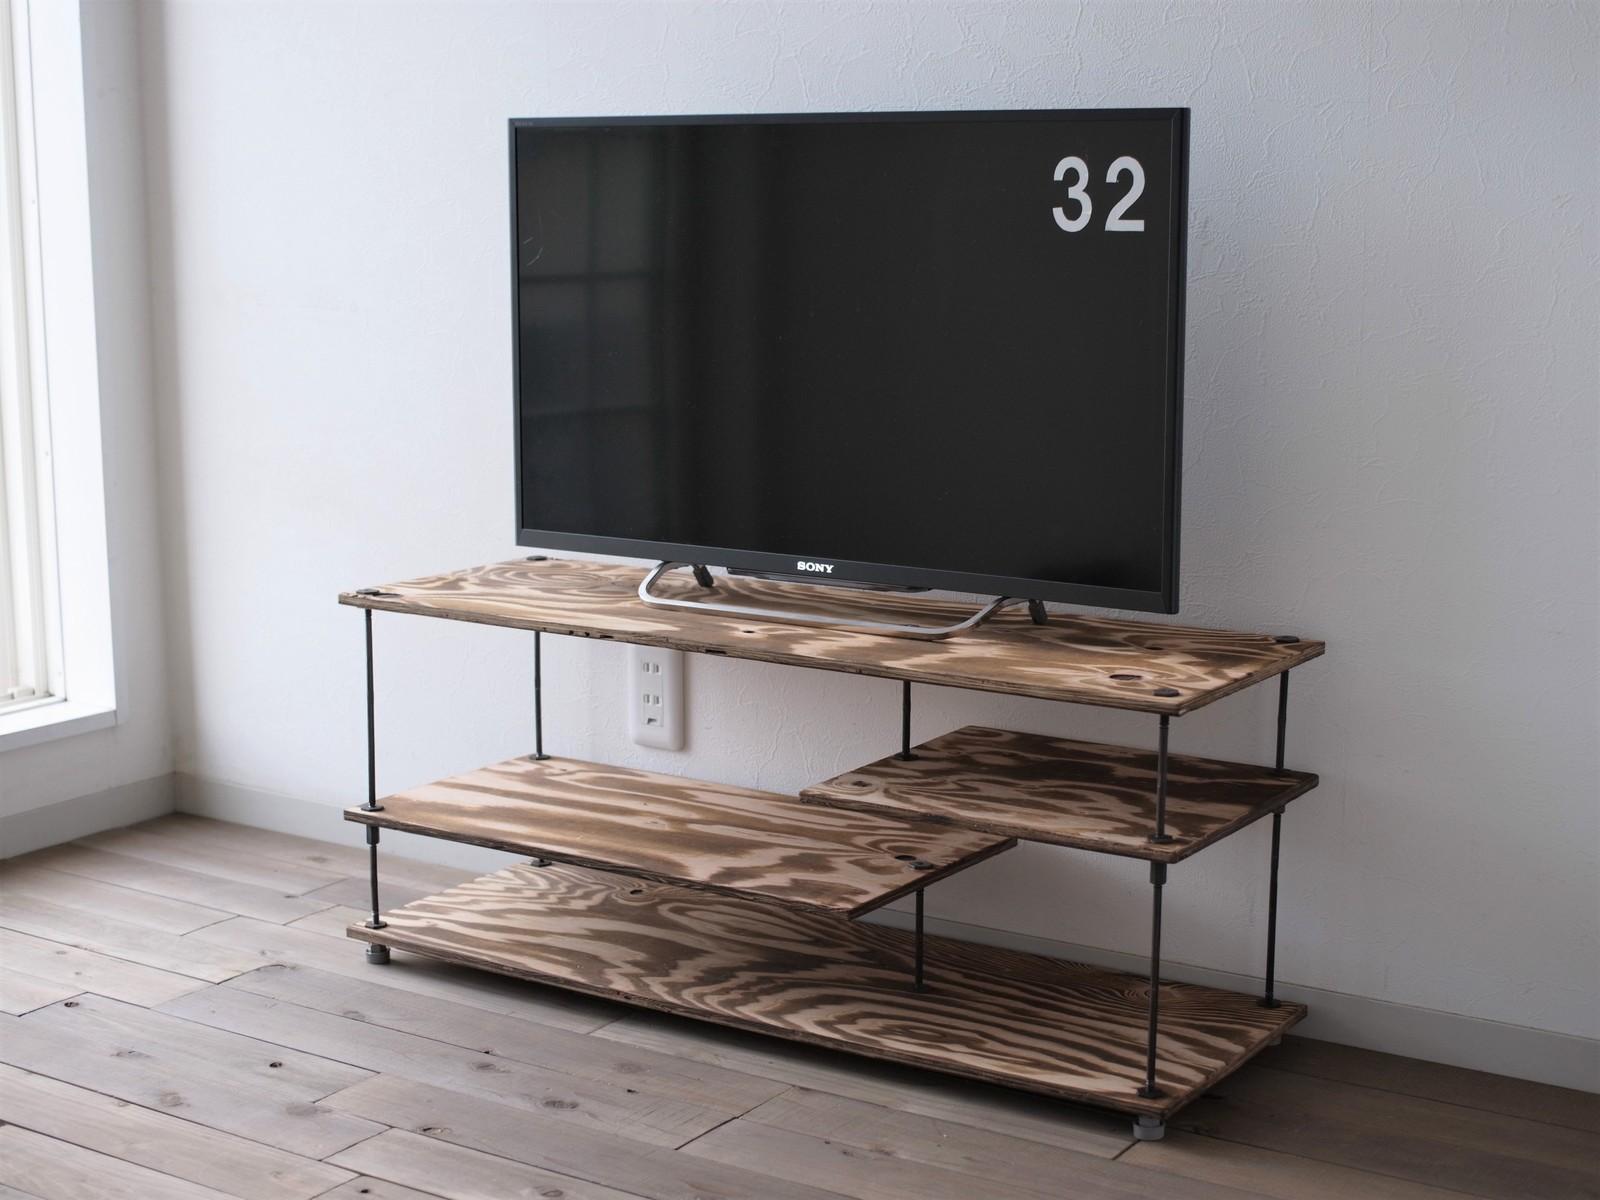 【テレビCM掲載】wood iron shelf 375*910*300(テレビ台 ローボード アイアン 棚 テレビボード ラック シェルフ TVボード 鉄 木 収納棚 ビンテージ シャビー インダストリアル)